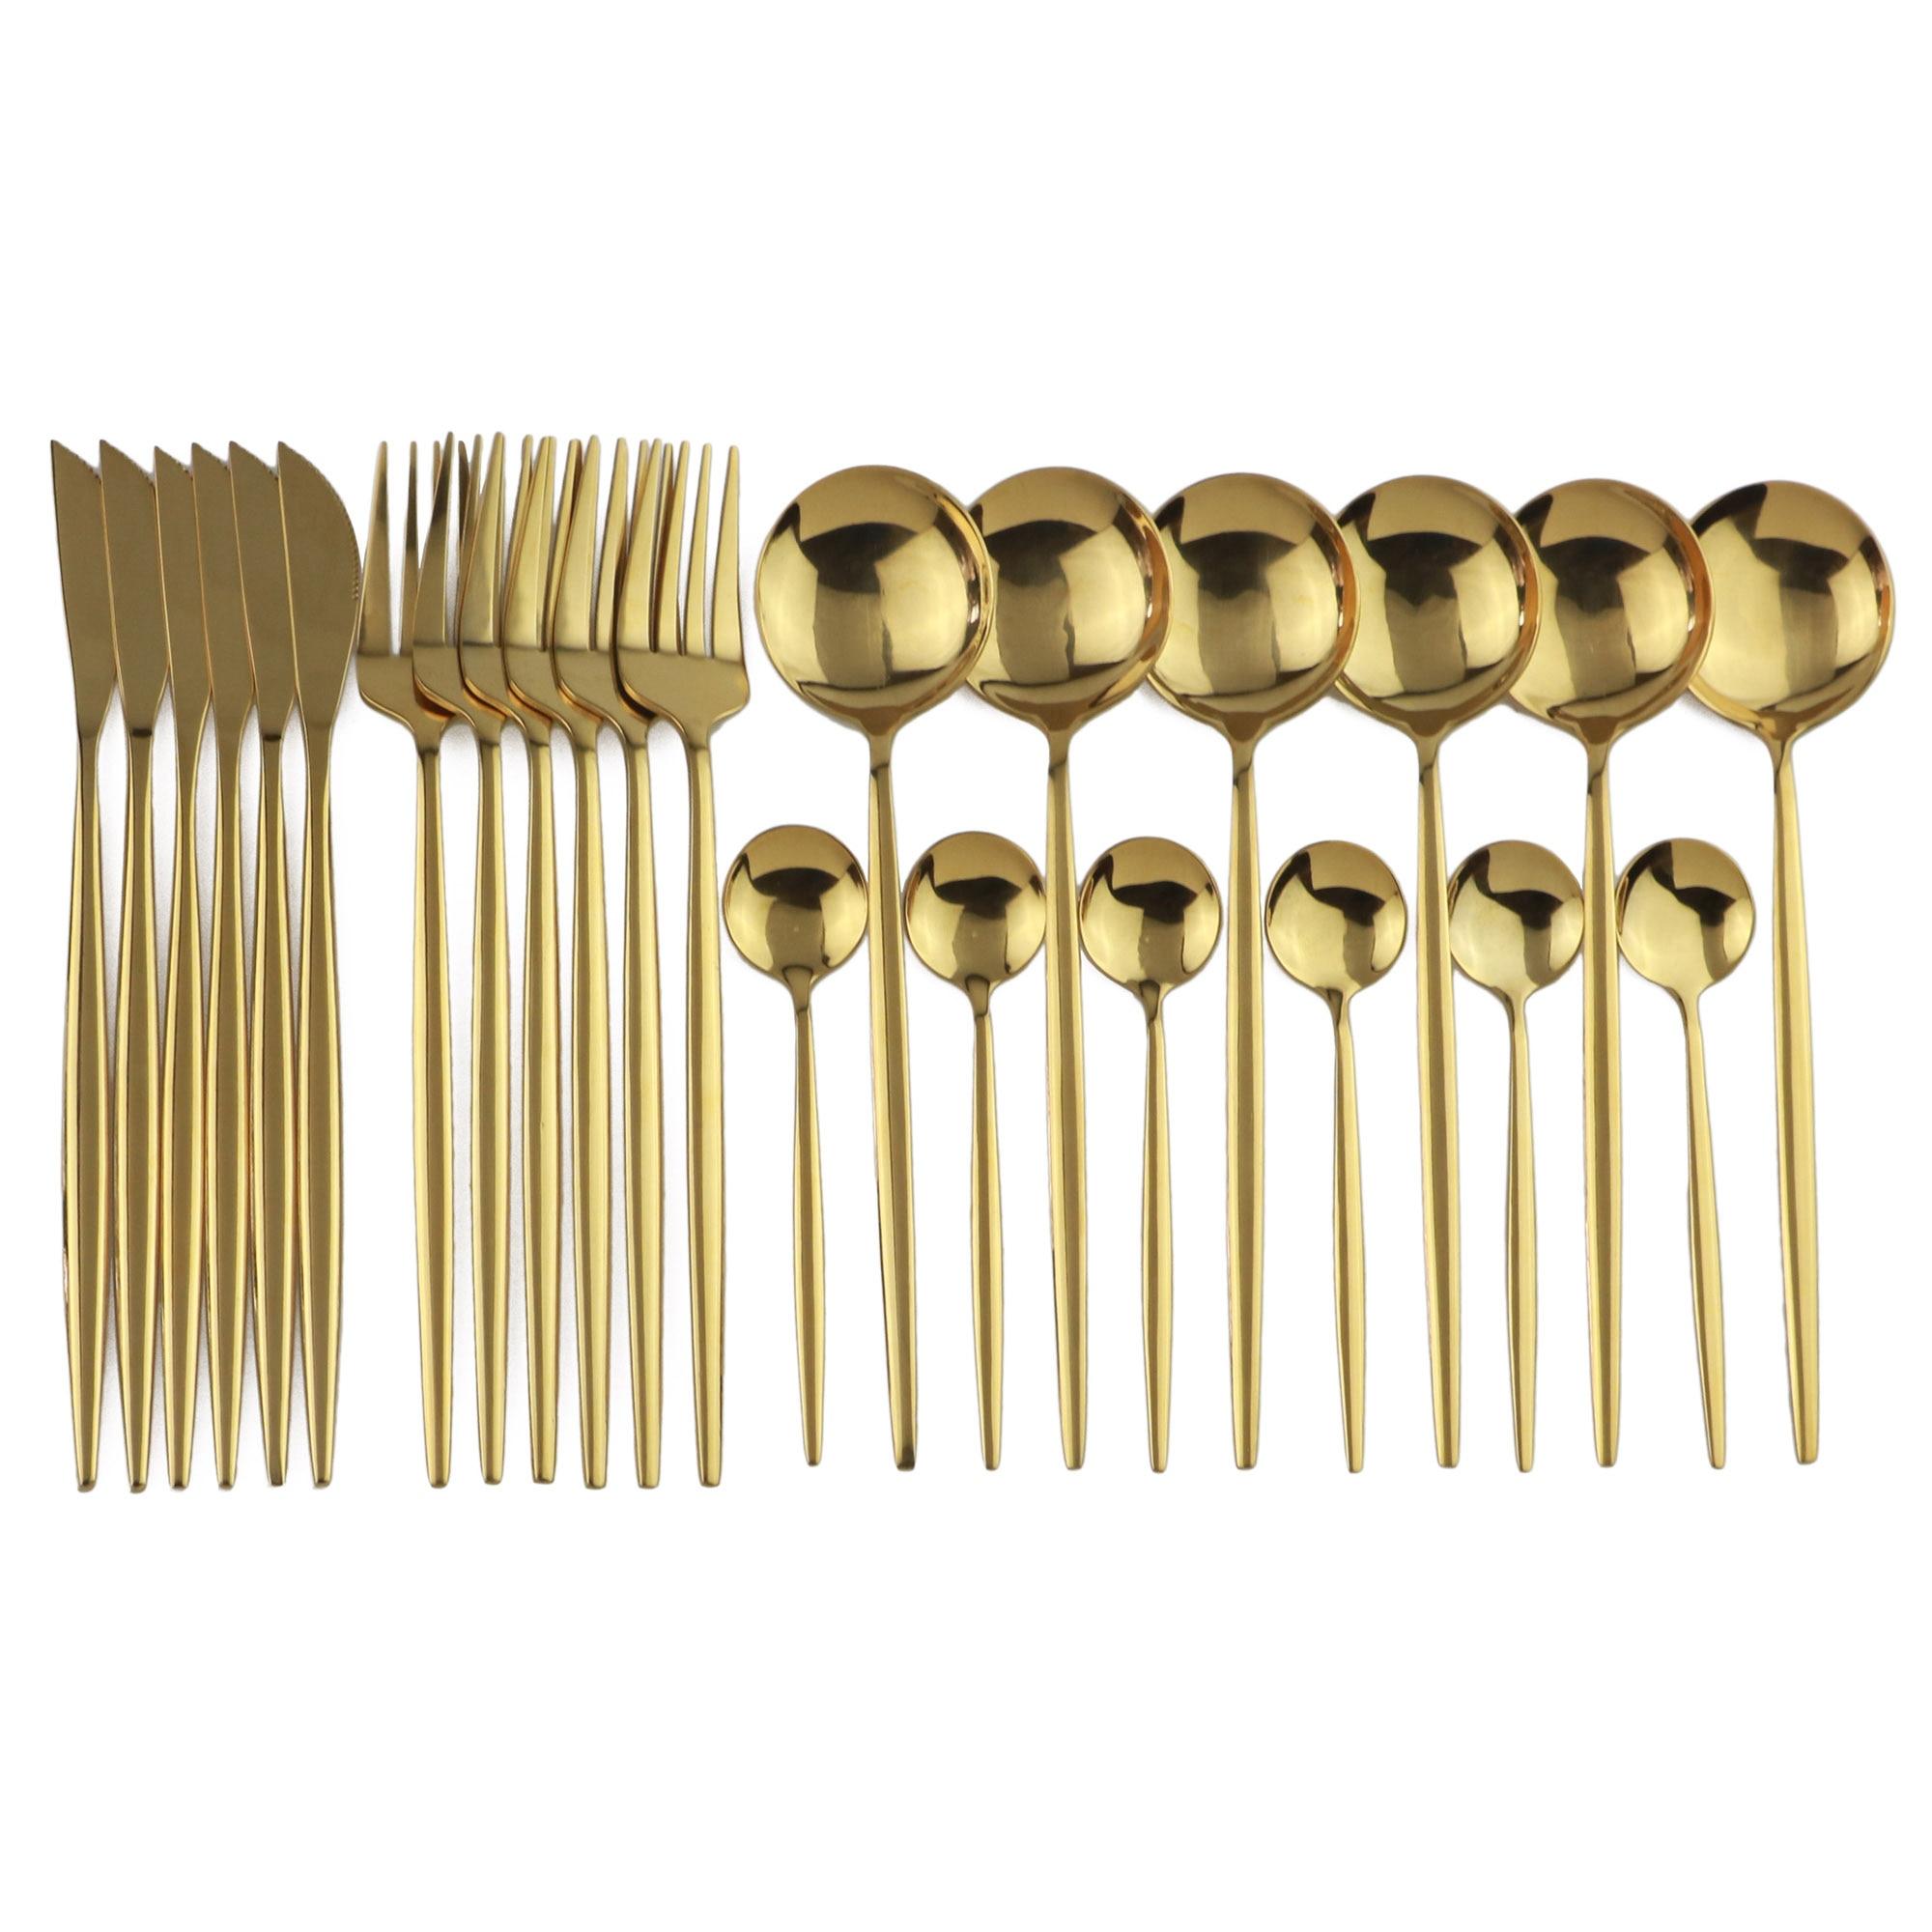 24 adet altın yemek takımı seti ayna paslanmaz çelik çatal bıçak bıçak seti çatal kahve kaşığı sofra takımı seti bulaşık makinesi güvenli çatal bıçak kaşık seti